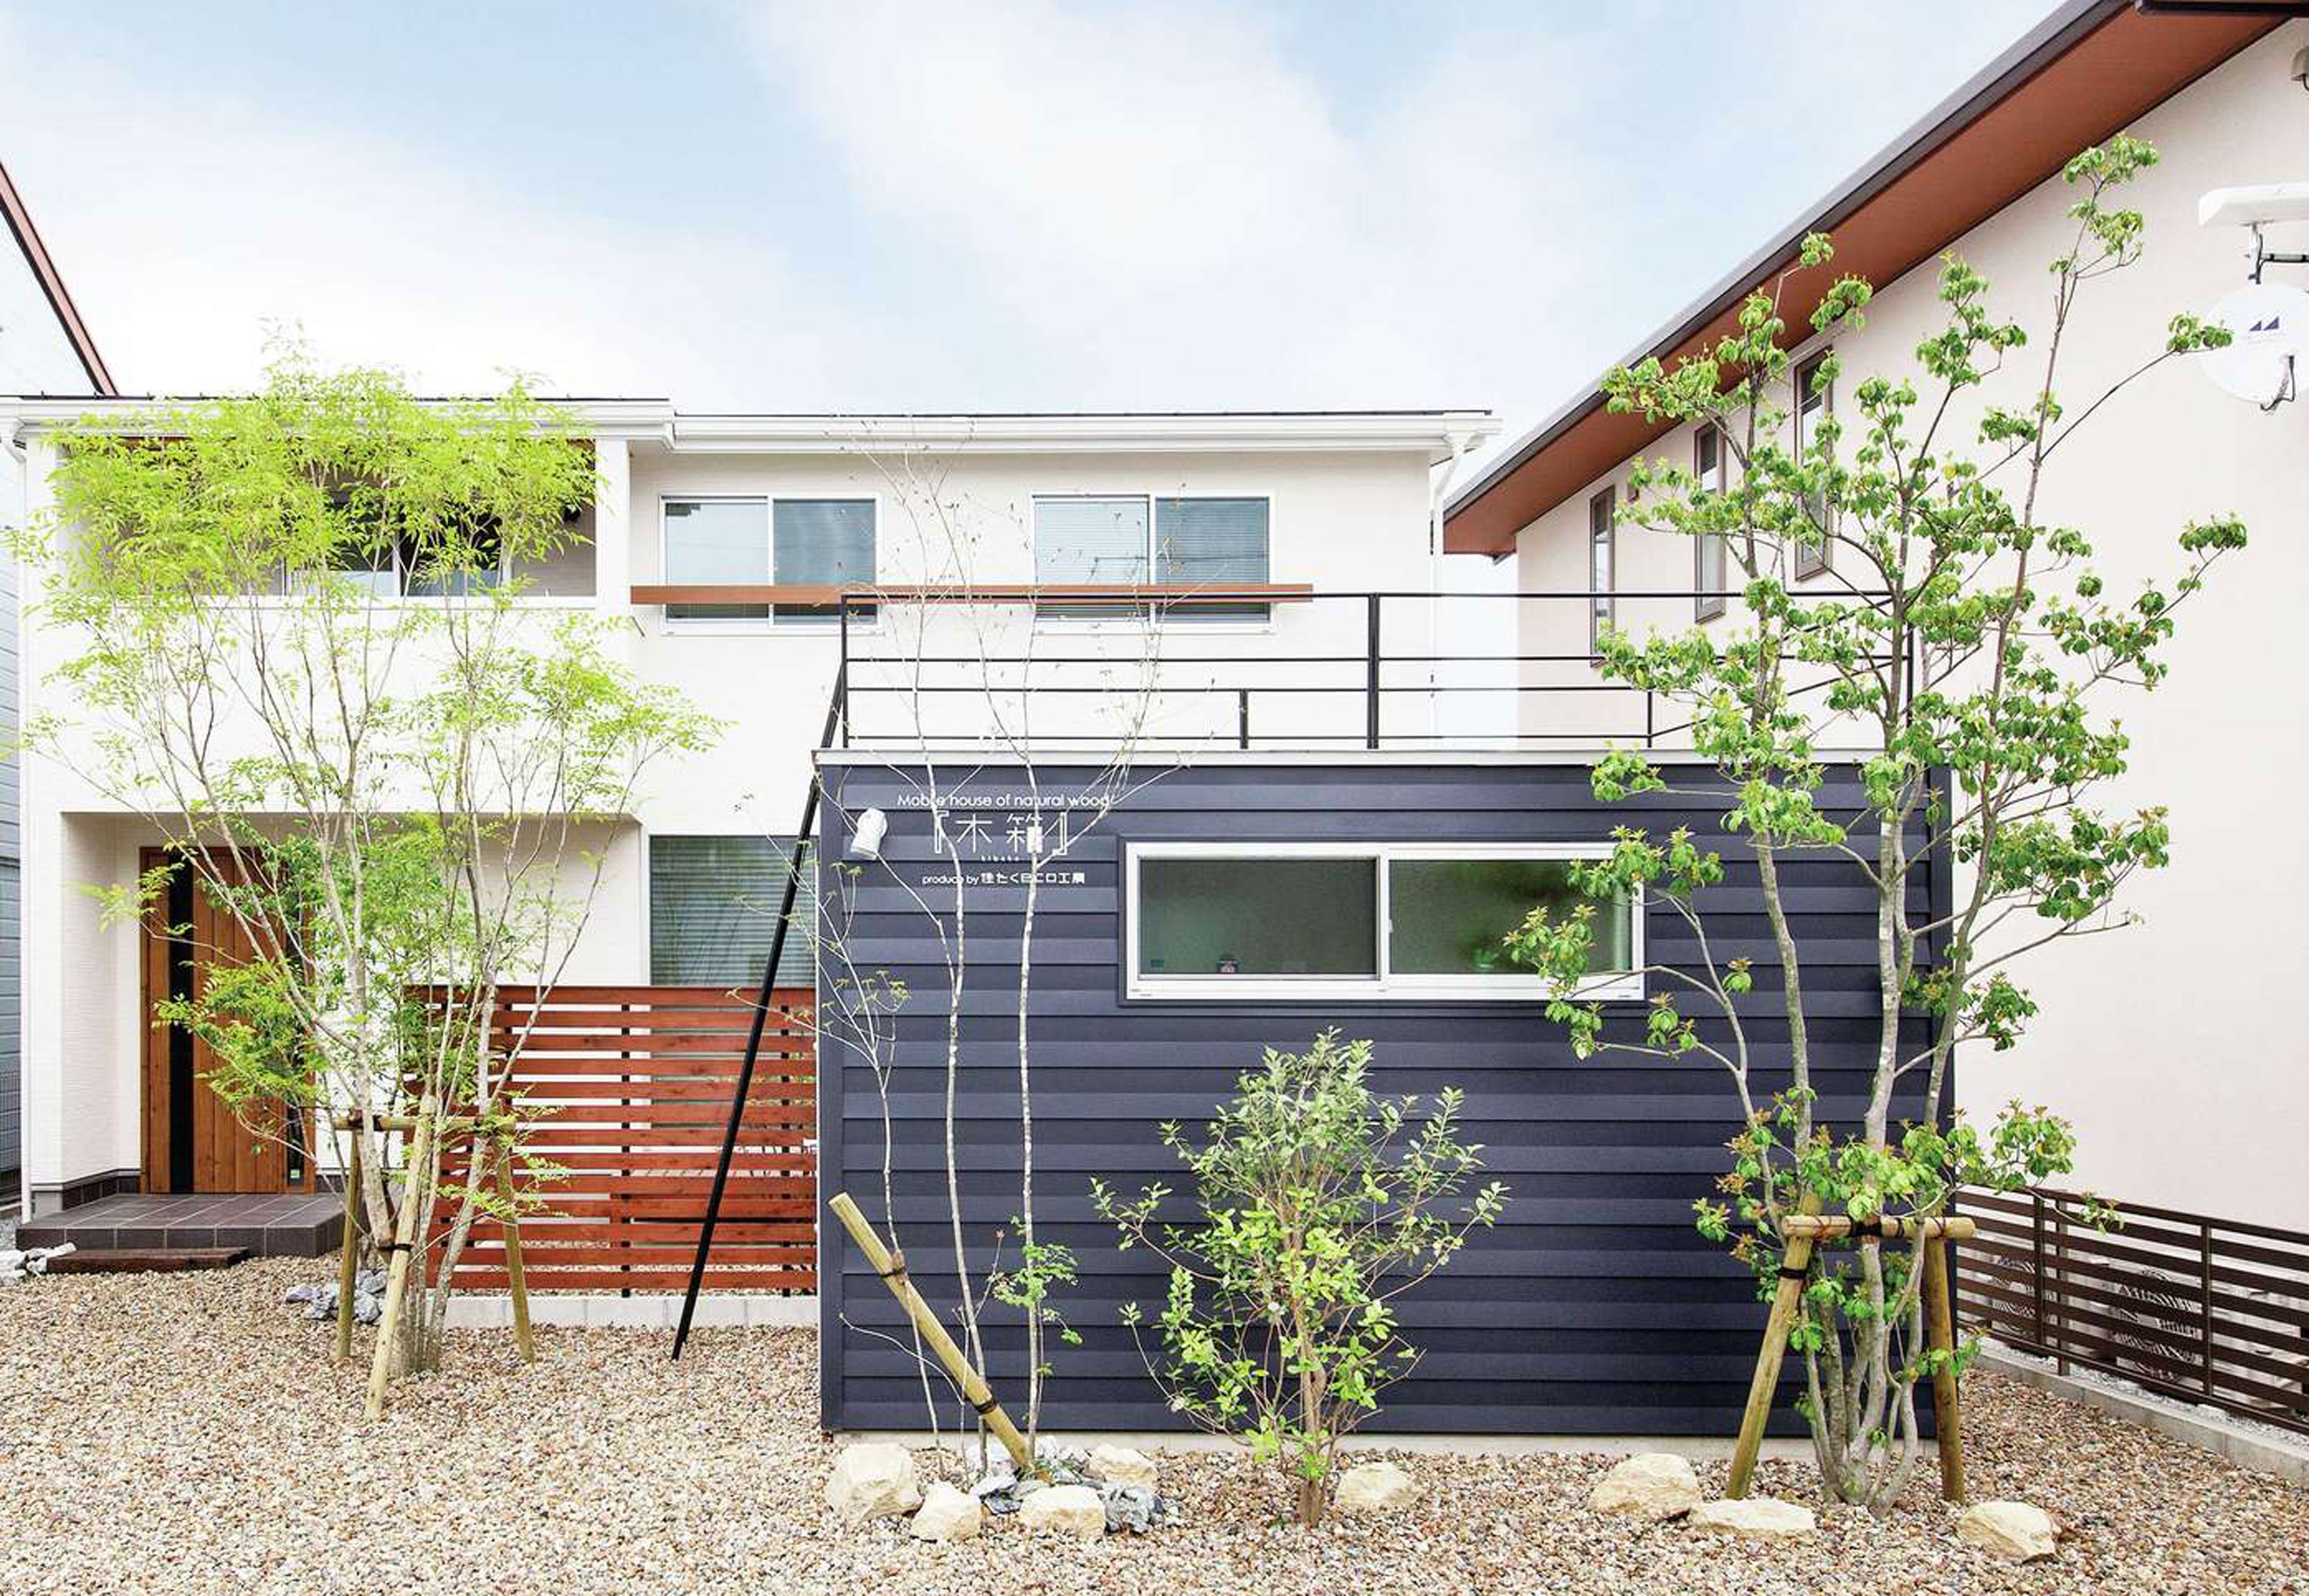 住たくeco工房【1000万円台、趣味、自然素材】庭と「離れ」のある暮らしを楽しむT邸。季節を感じる植栽、エクステリアまでトータルにプロデュース